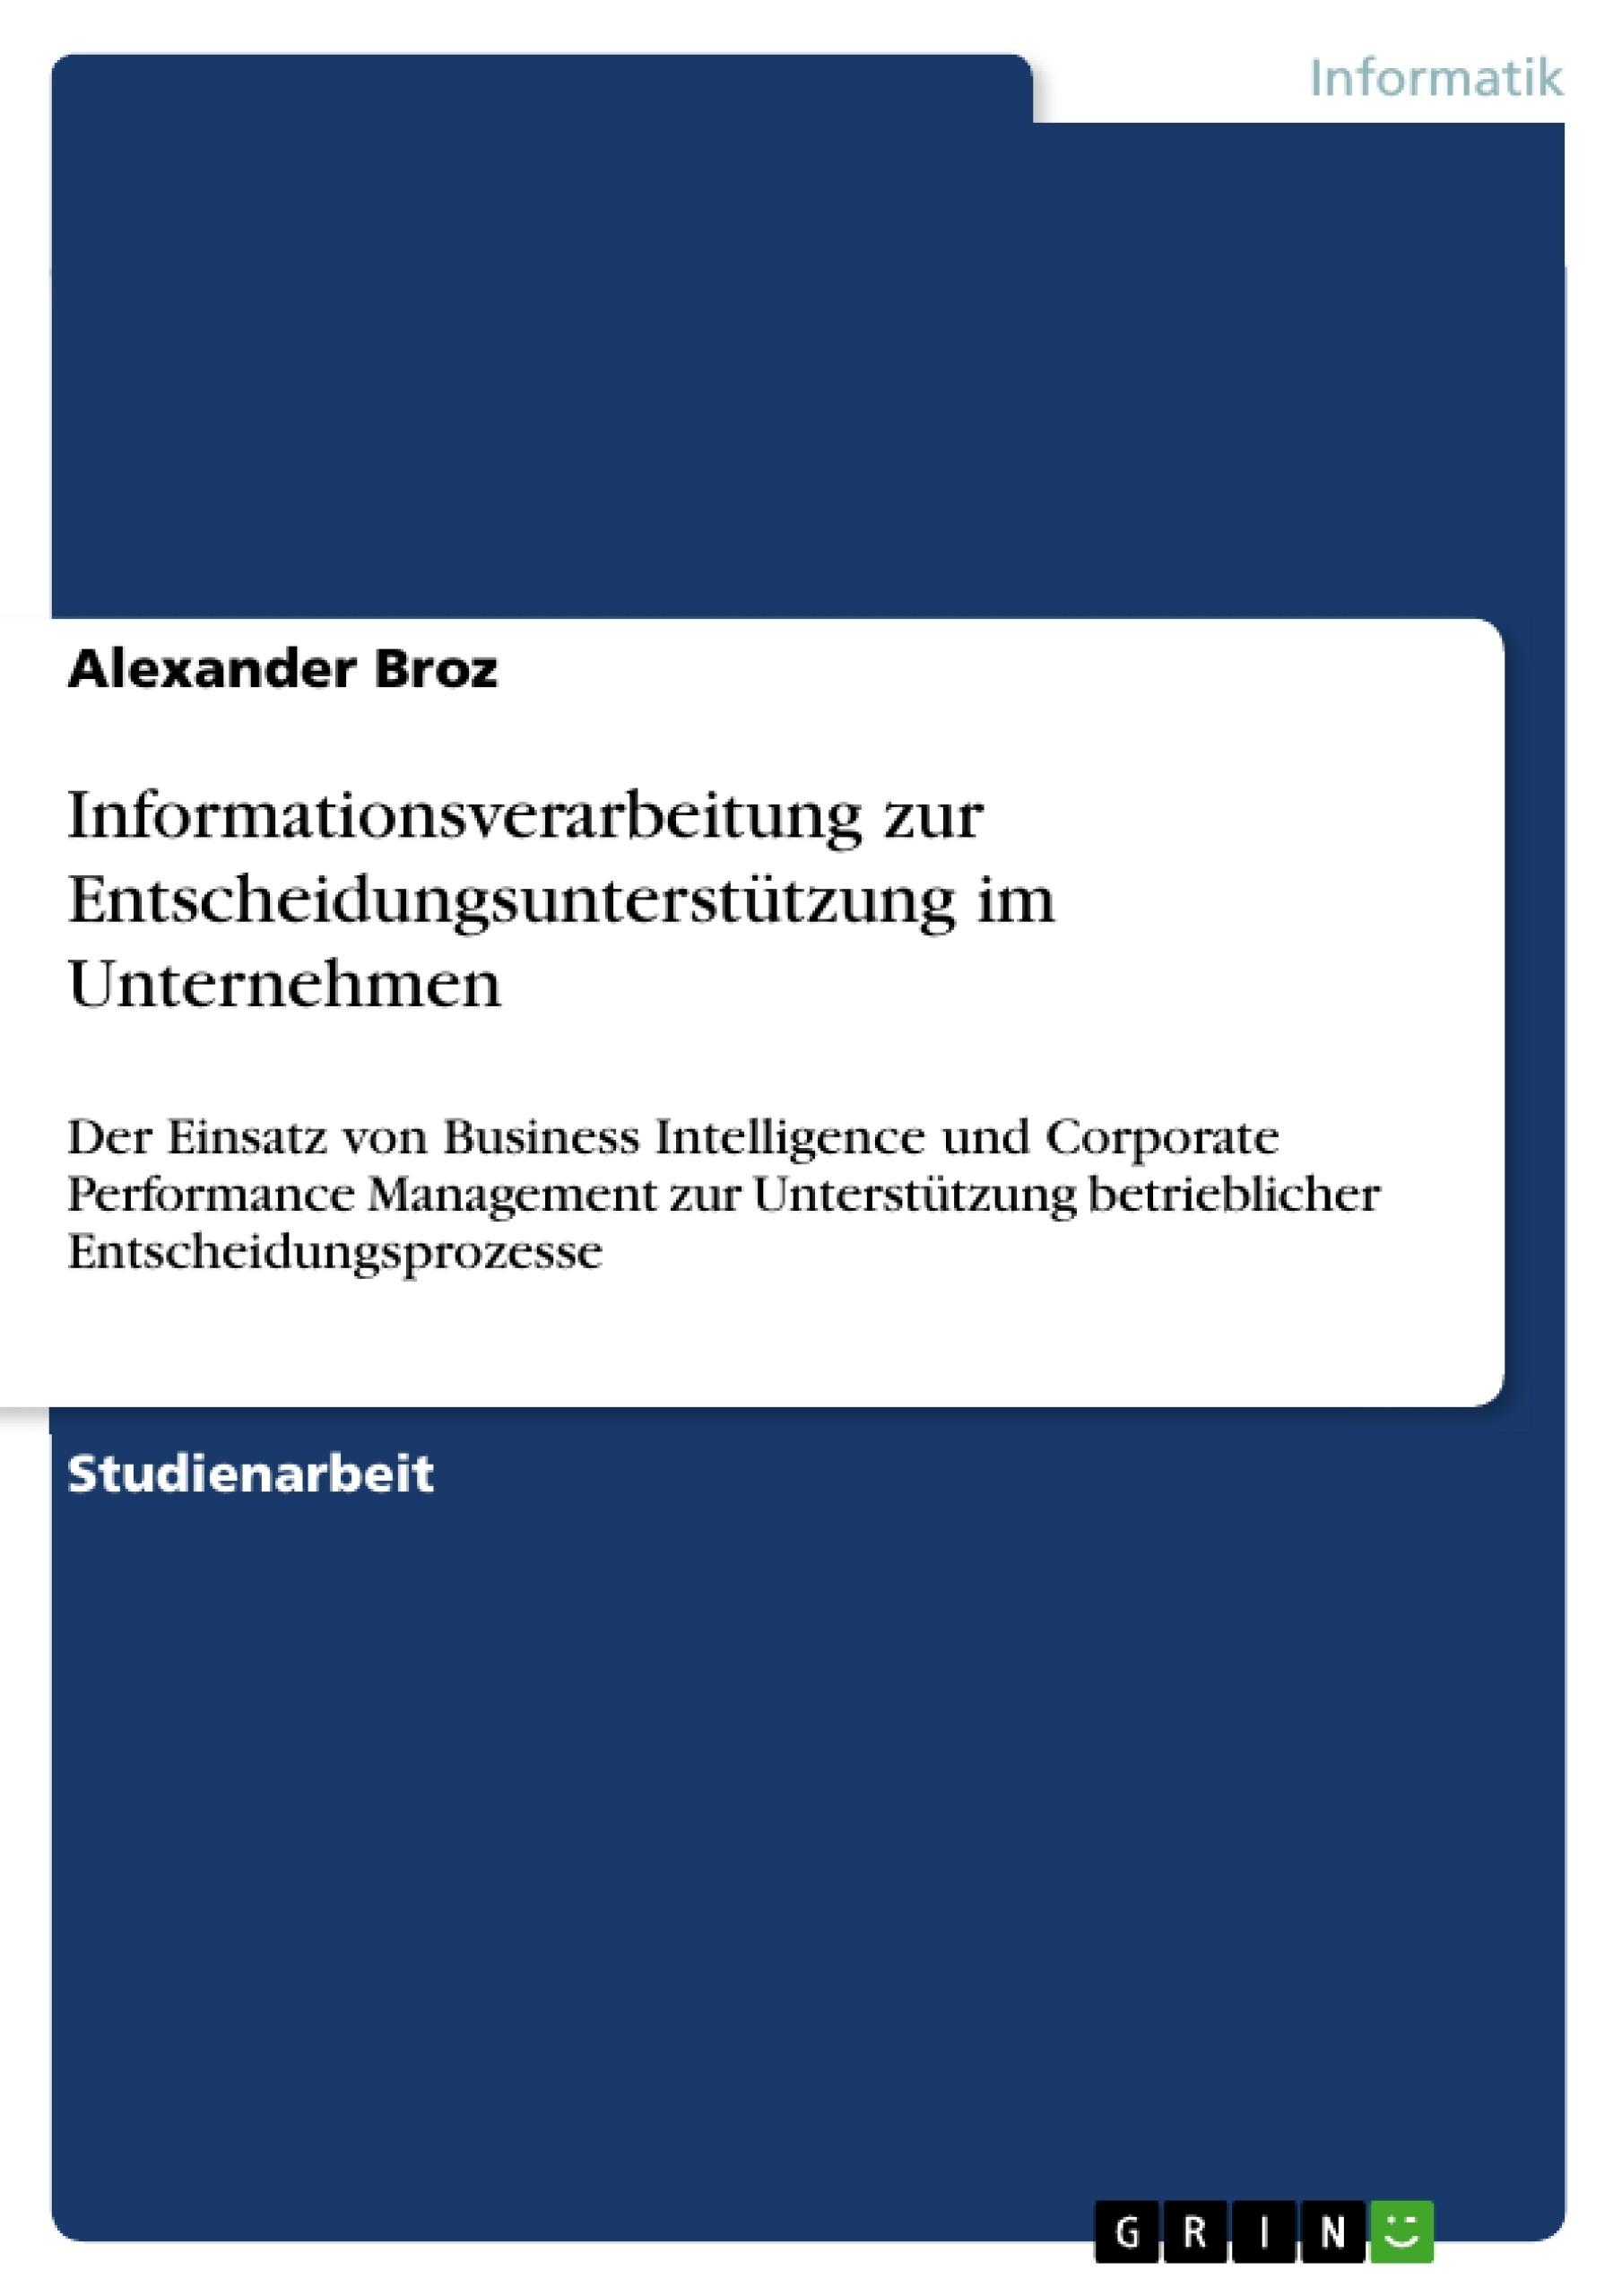 Titel: Informationsverarbeitung zur Entscheidungsunterstützung im Unternehmen